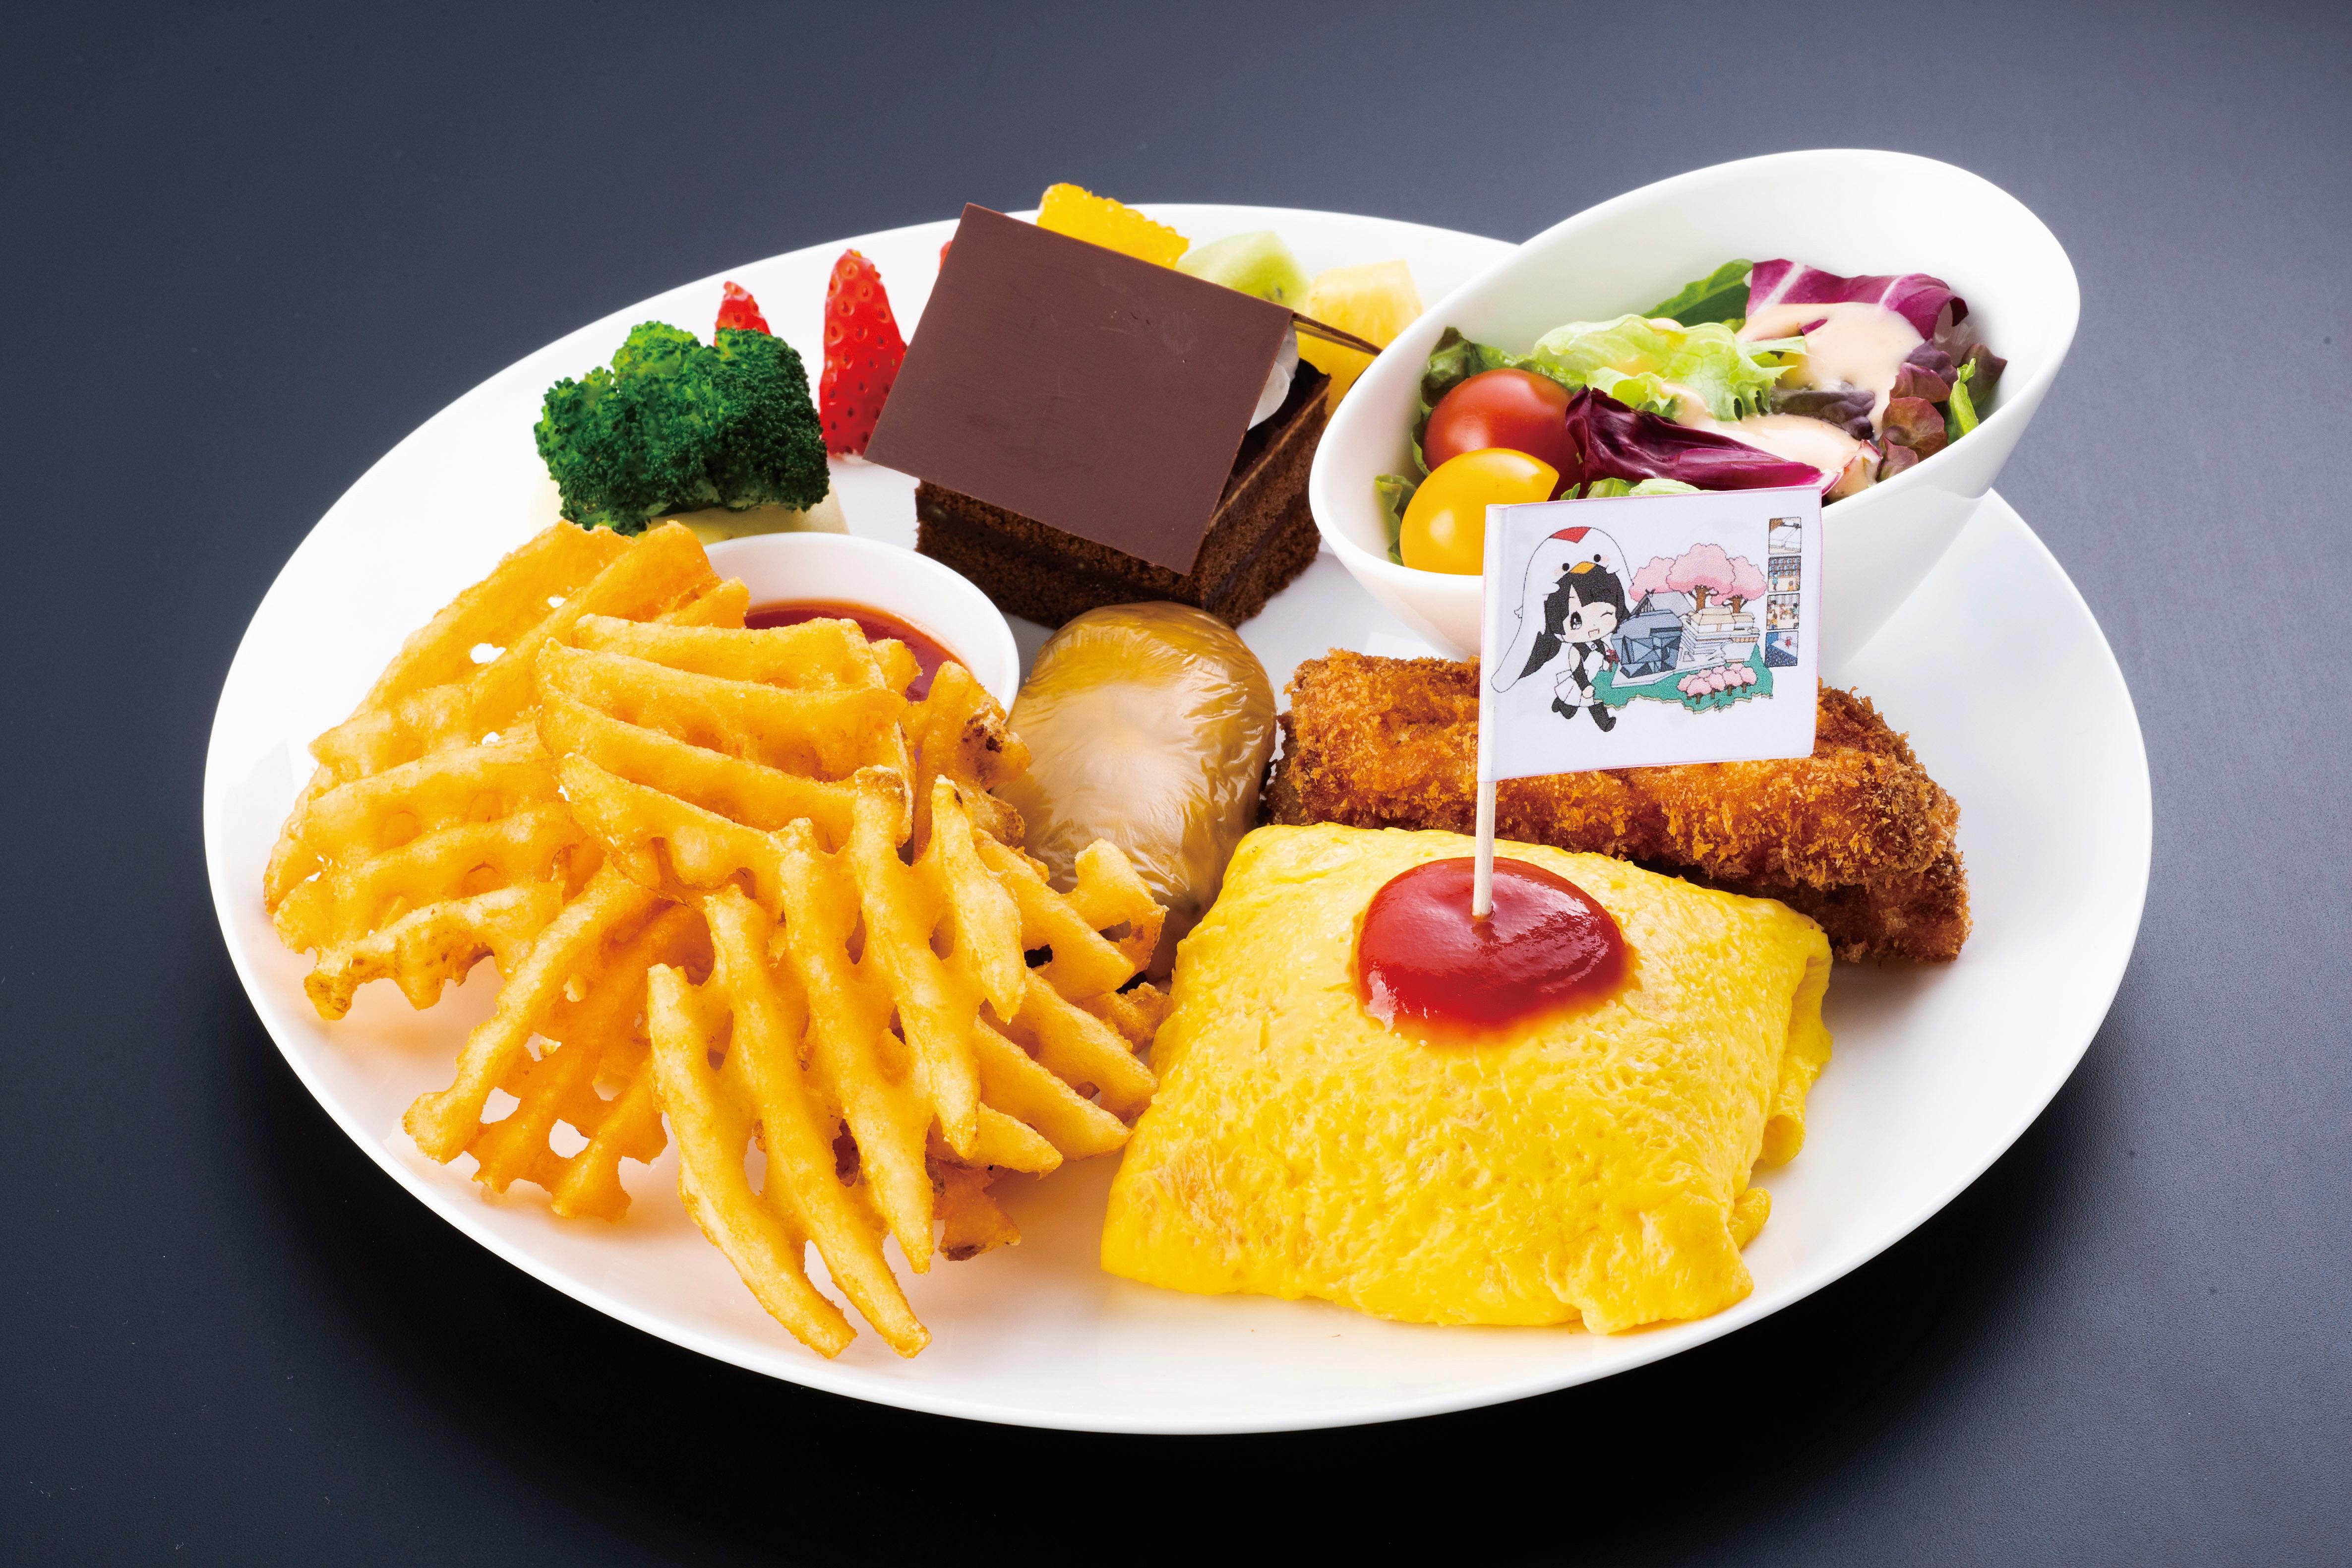 ところざわサクラタウンEJアニメホテルのレストランTiamで 協会キャラクター「じゅんれいちゃん」コラボメニュー 提供開始